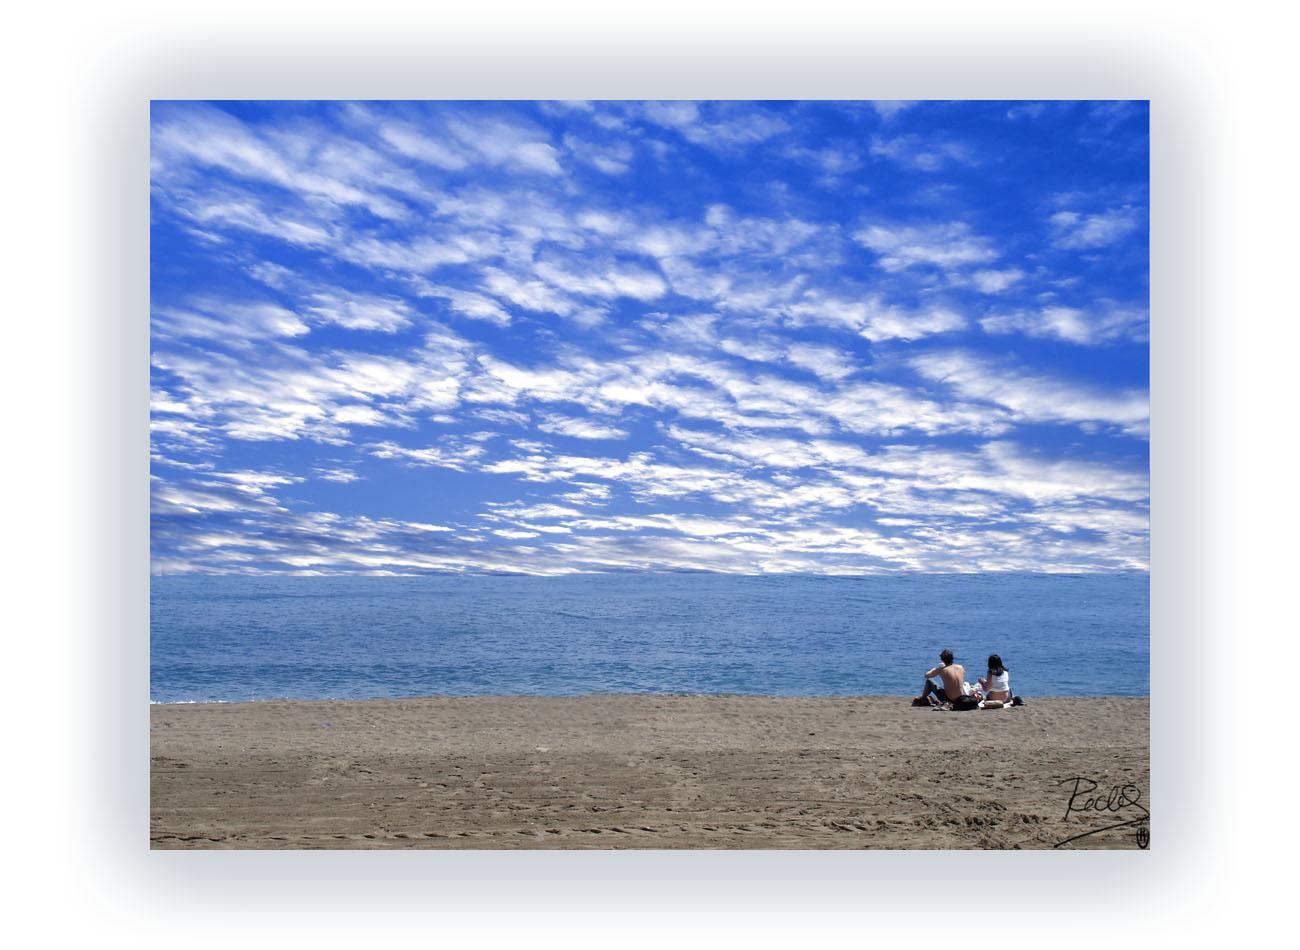 Playa Playamar